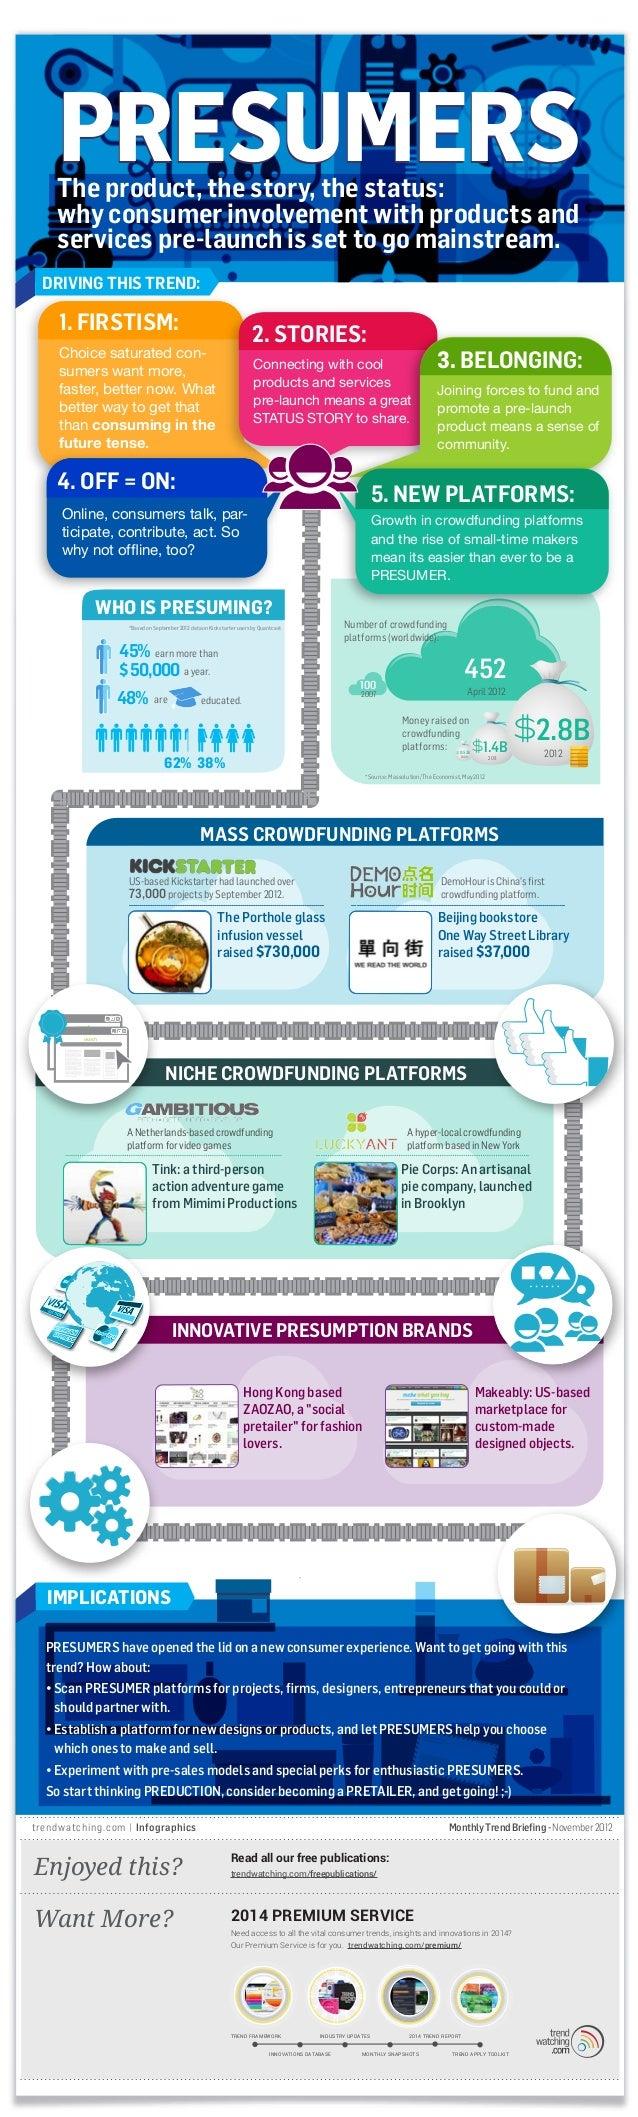 trendwatching.com's infographic PRESUMERS